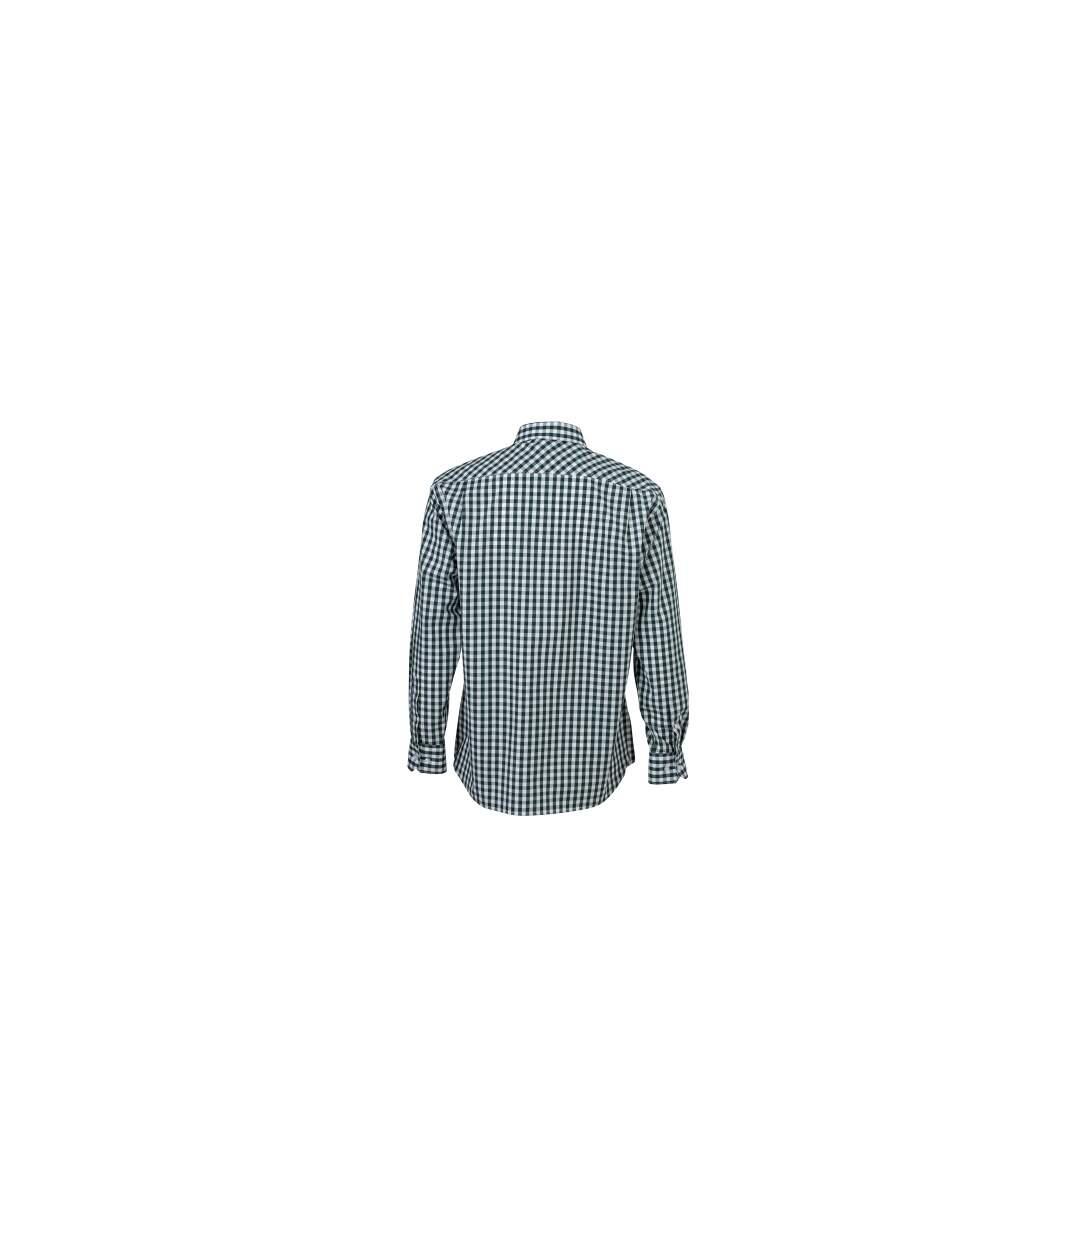 chemise manches longues carreaux vichy HOMME JN617 - vert foncé